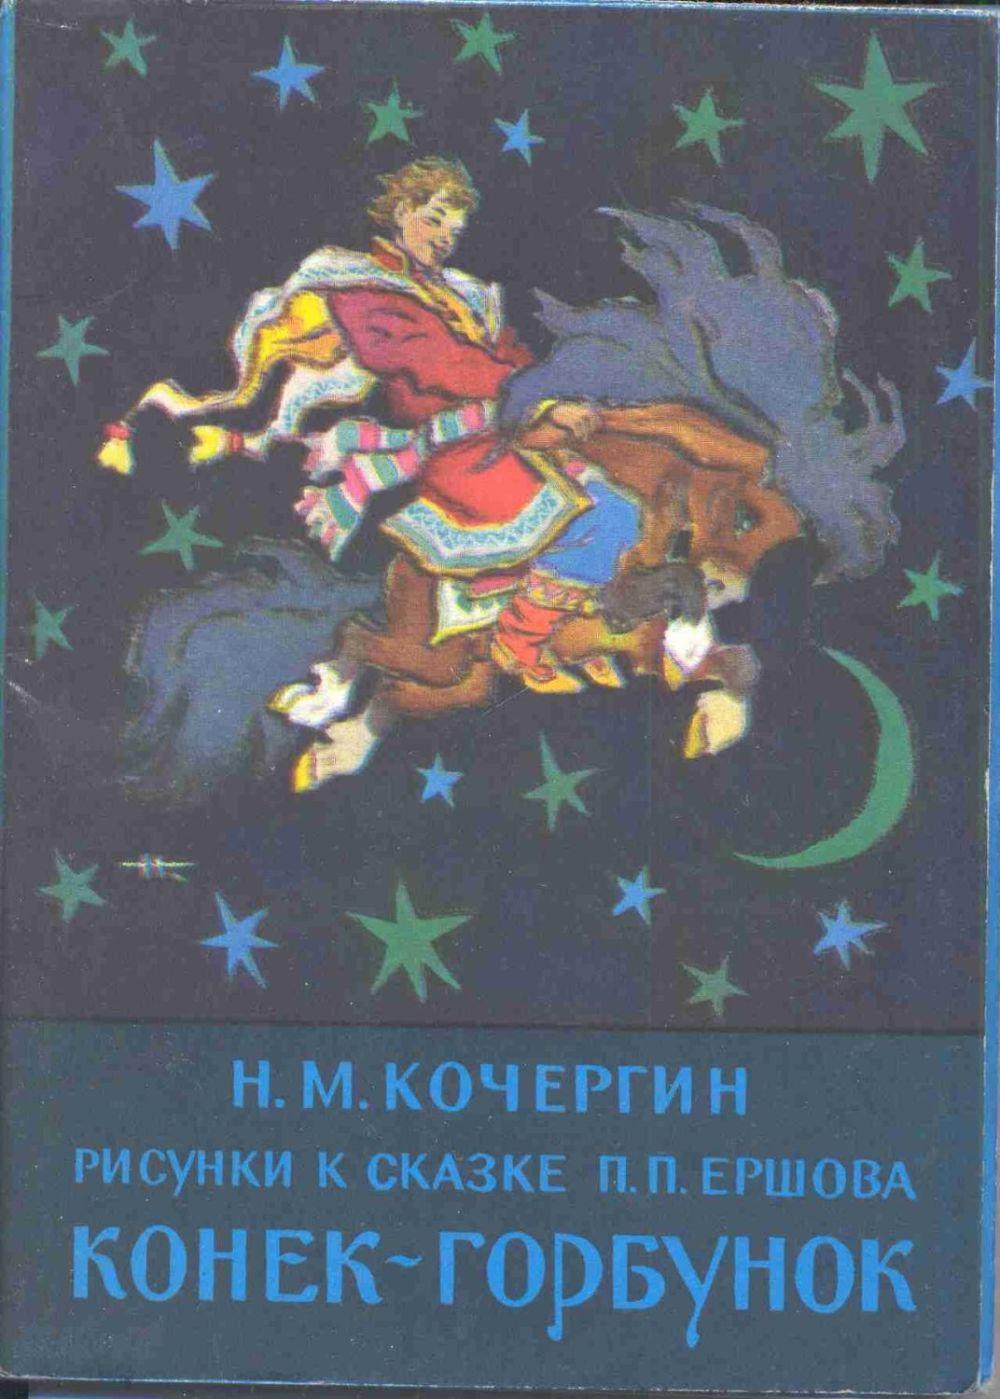 Кочергин н конек-горбунок набор открыток, водителю детская картинки